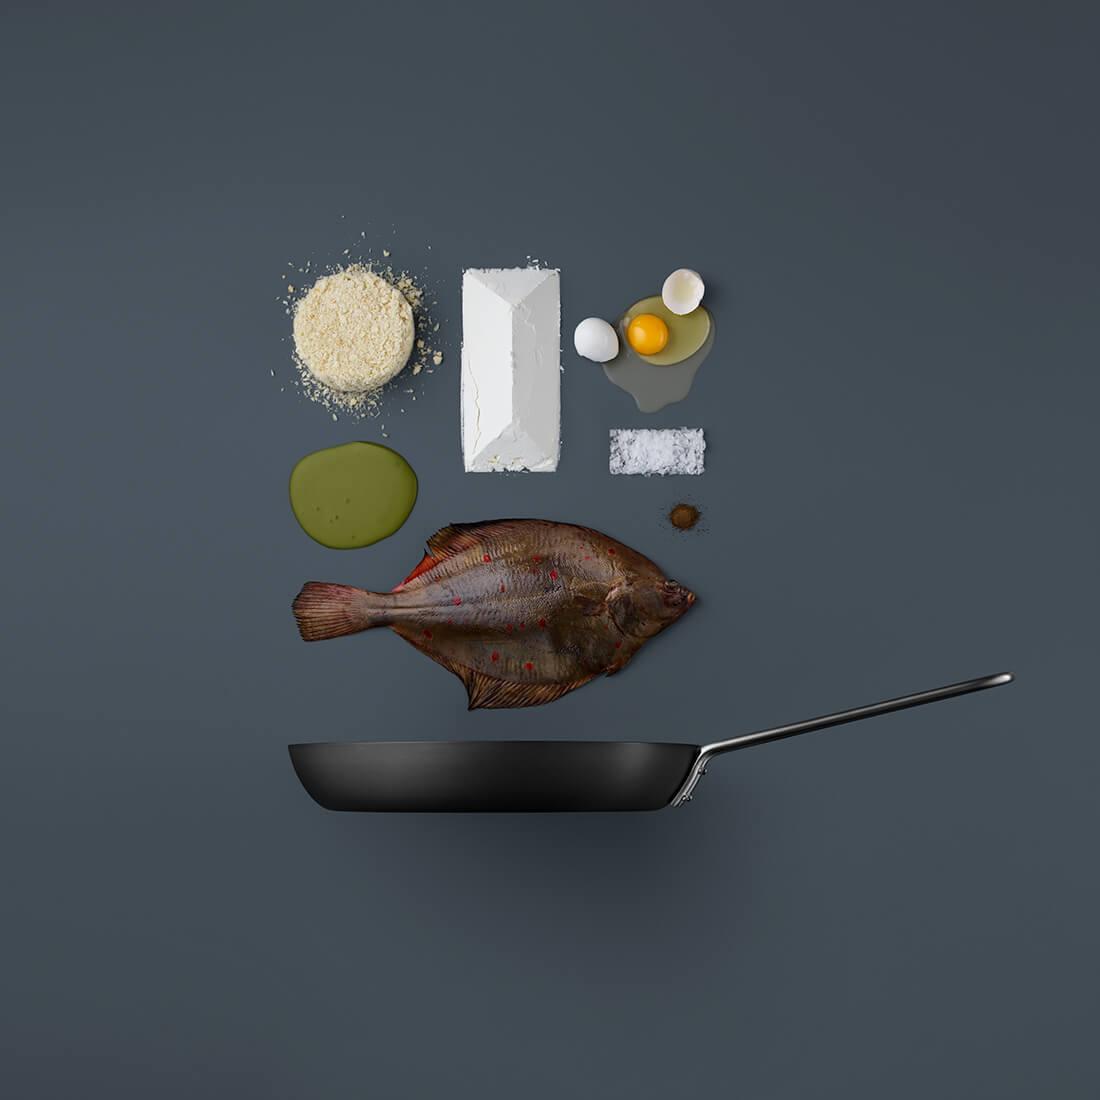 Рецепты из компонентов еды, Стильные фото 3